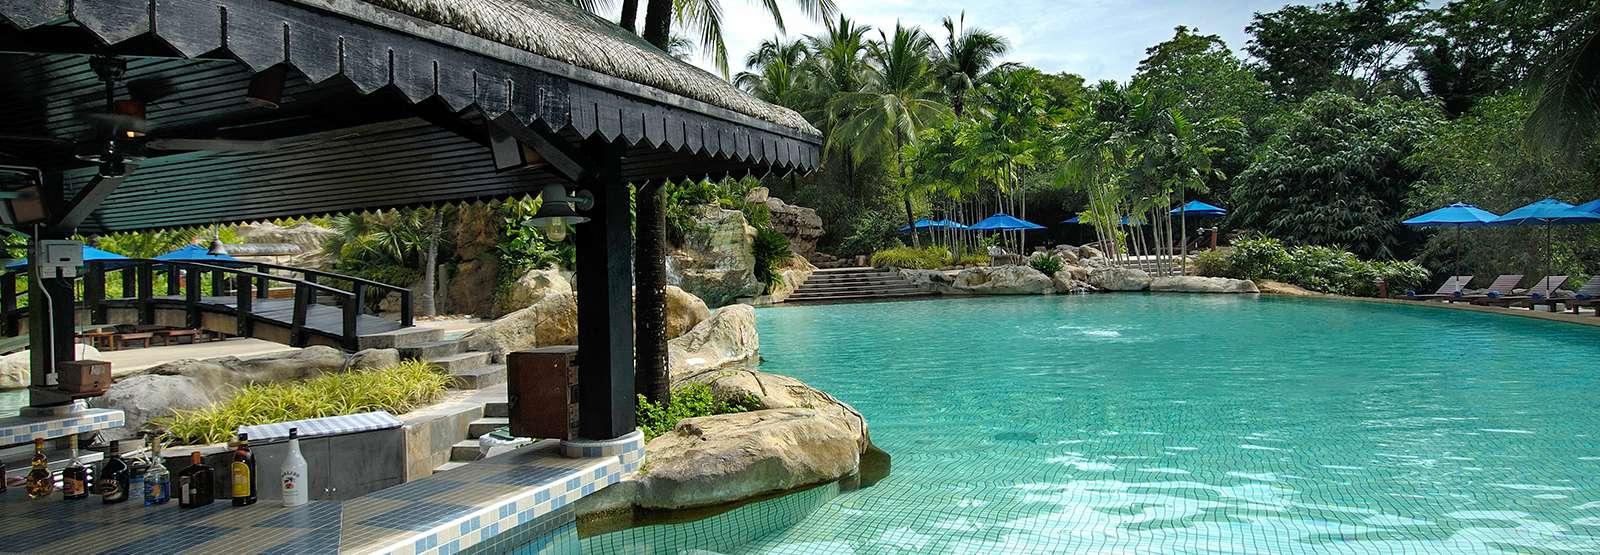 Restaurants Langkawi Sunken Pool Bar Berjaya Langkawi